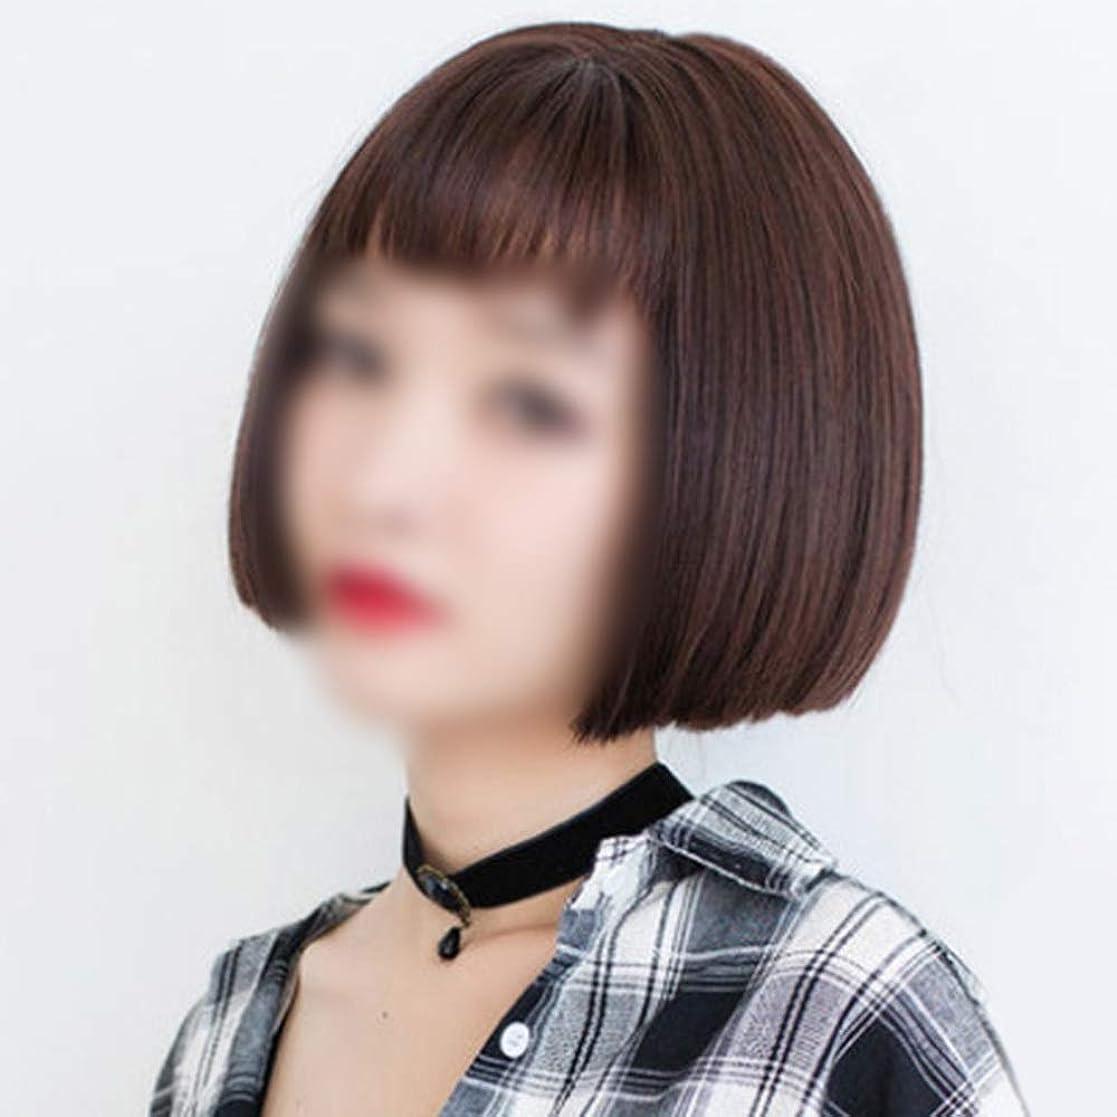 滅びる危険なクラッチYrattary ウィッグ女性用ショートヘアコスプレウィッグブラウンショートストレートヘアボブウィッグリアルな女性用合成かつらレースかつらロールプレイングかつら (色 : Dark Brown)